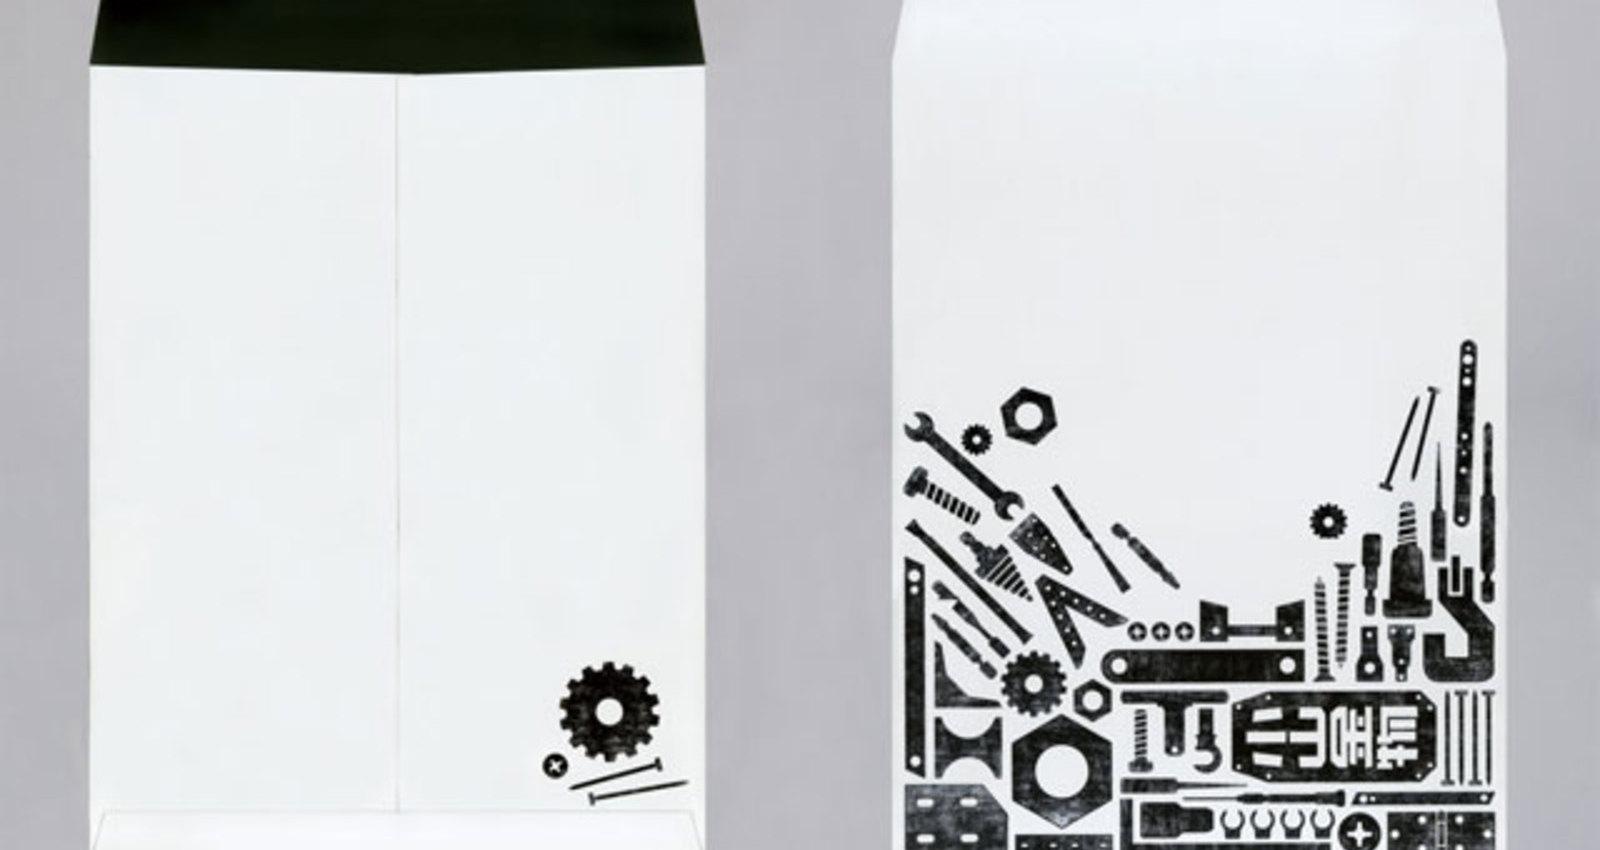 Architectural hardware company